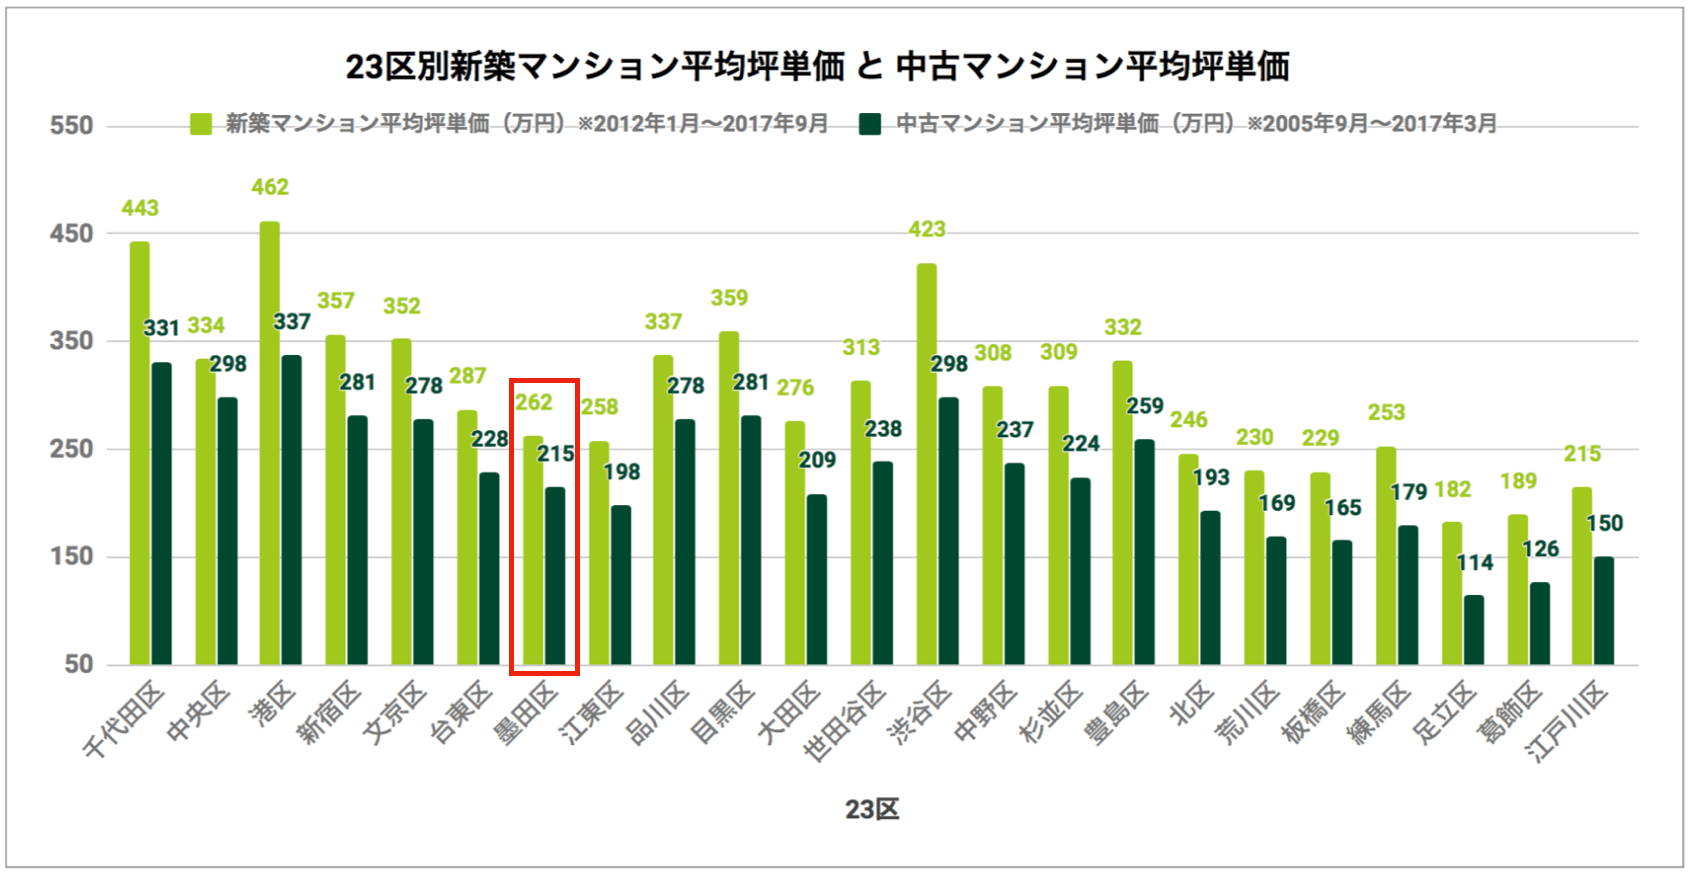 23区別「新築マンション平均坪単価と中古マンション平均坪単価」